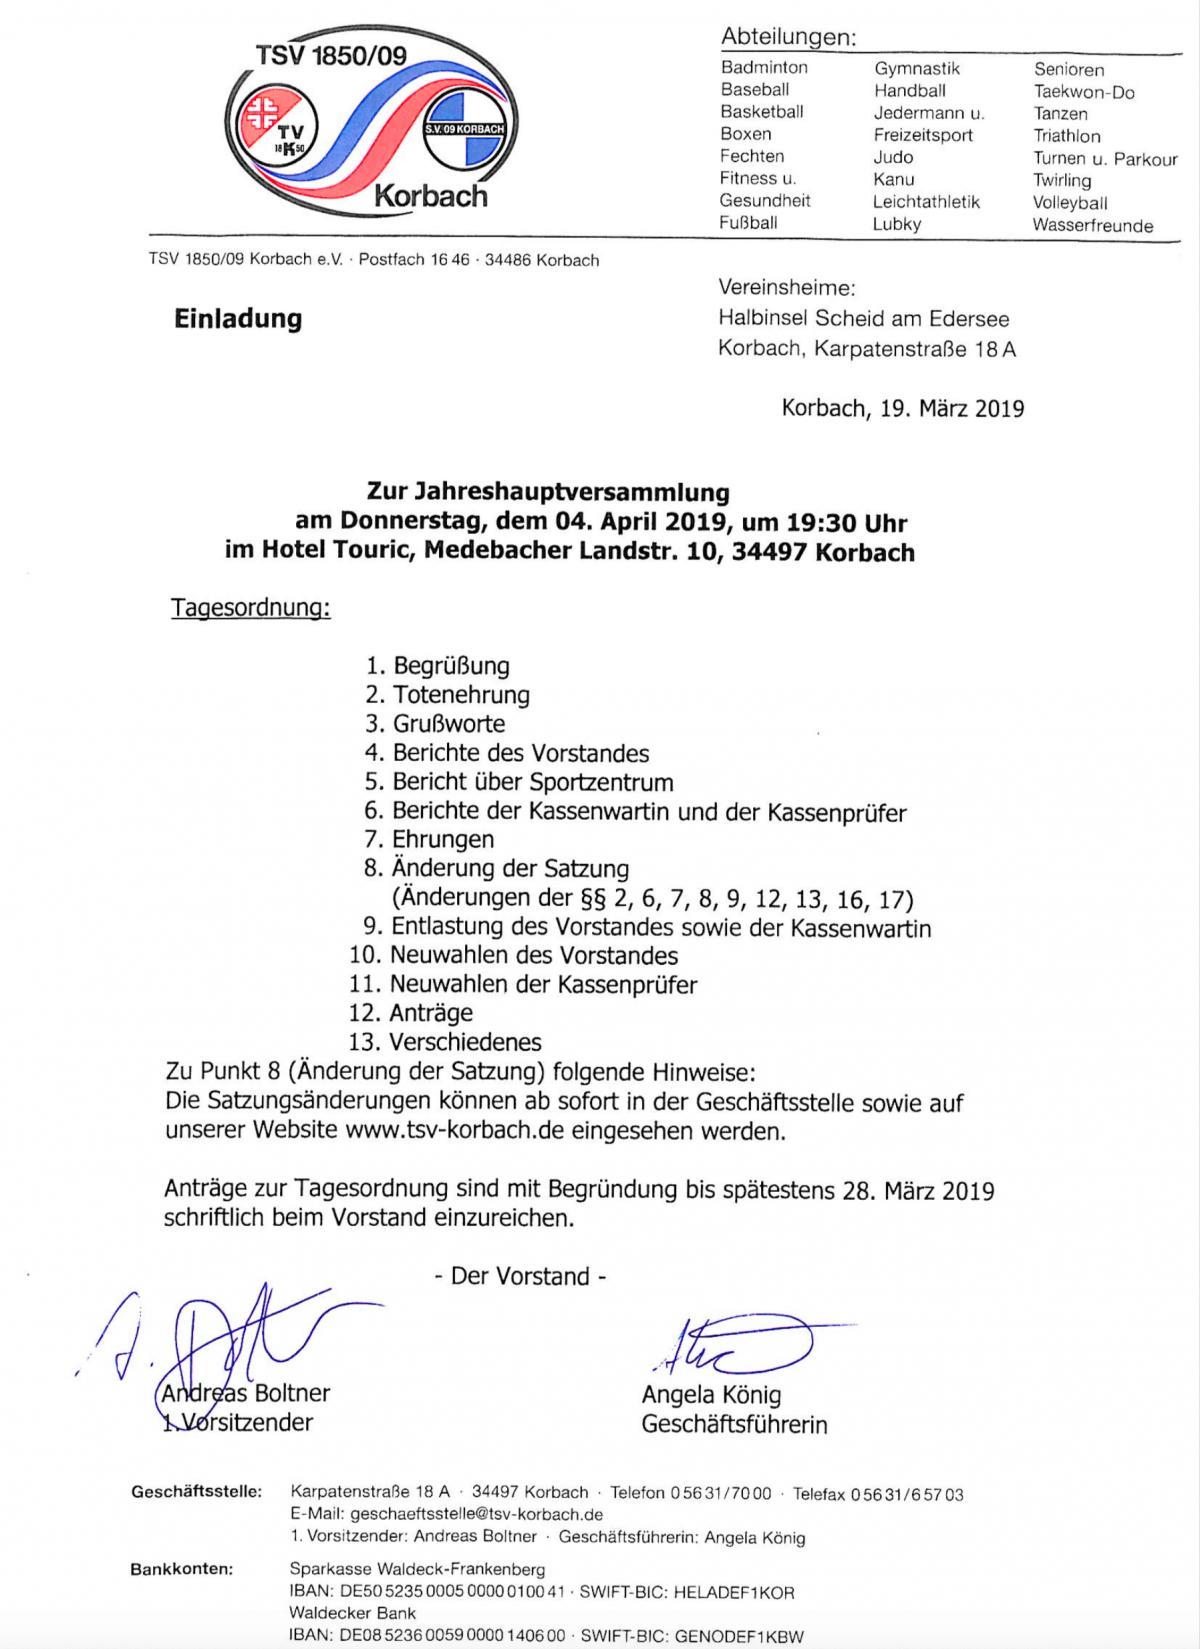 Einladung zur Jahreshauptversammlung des TSV Korbach